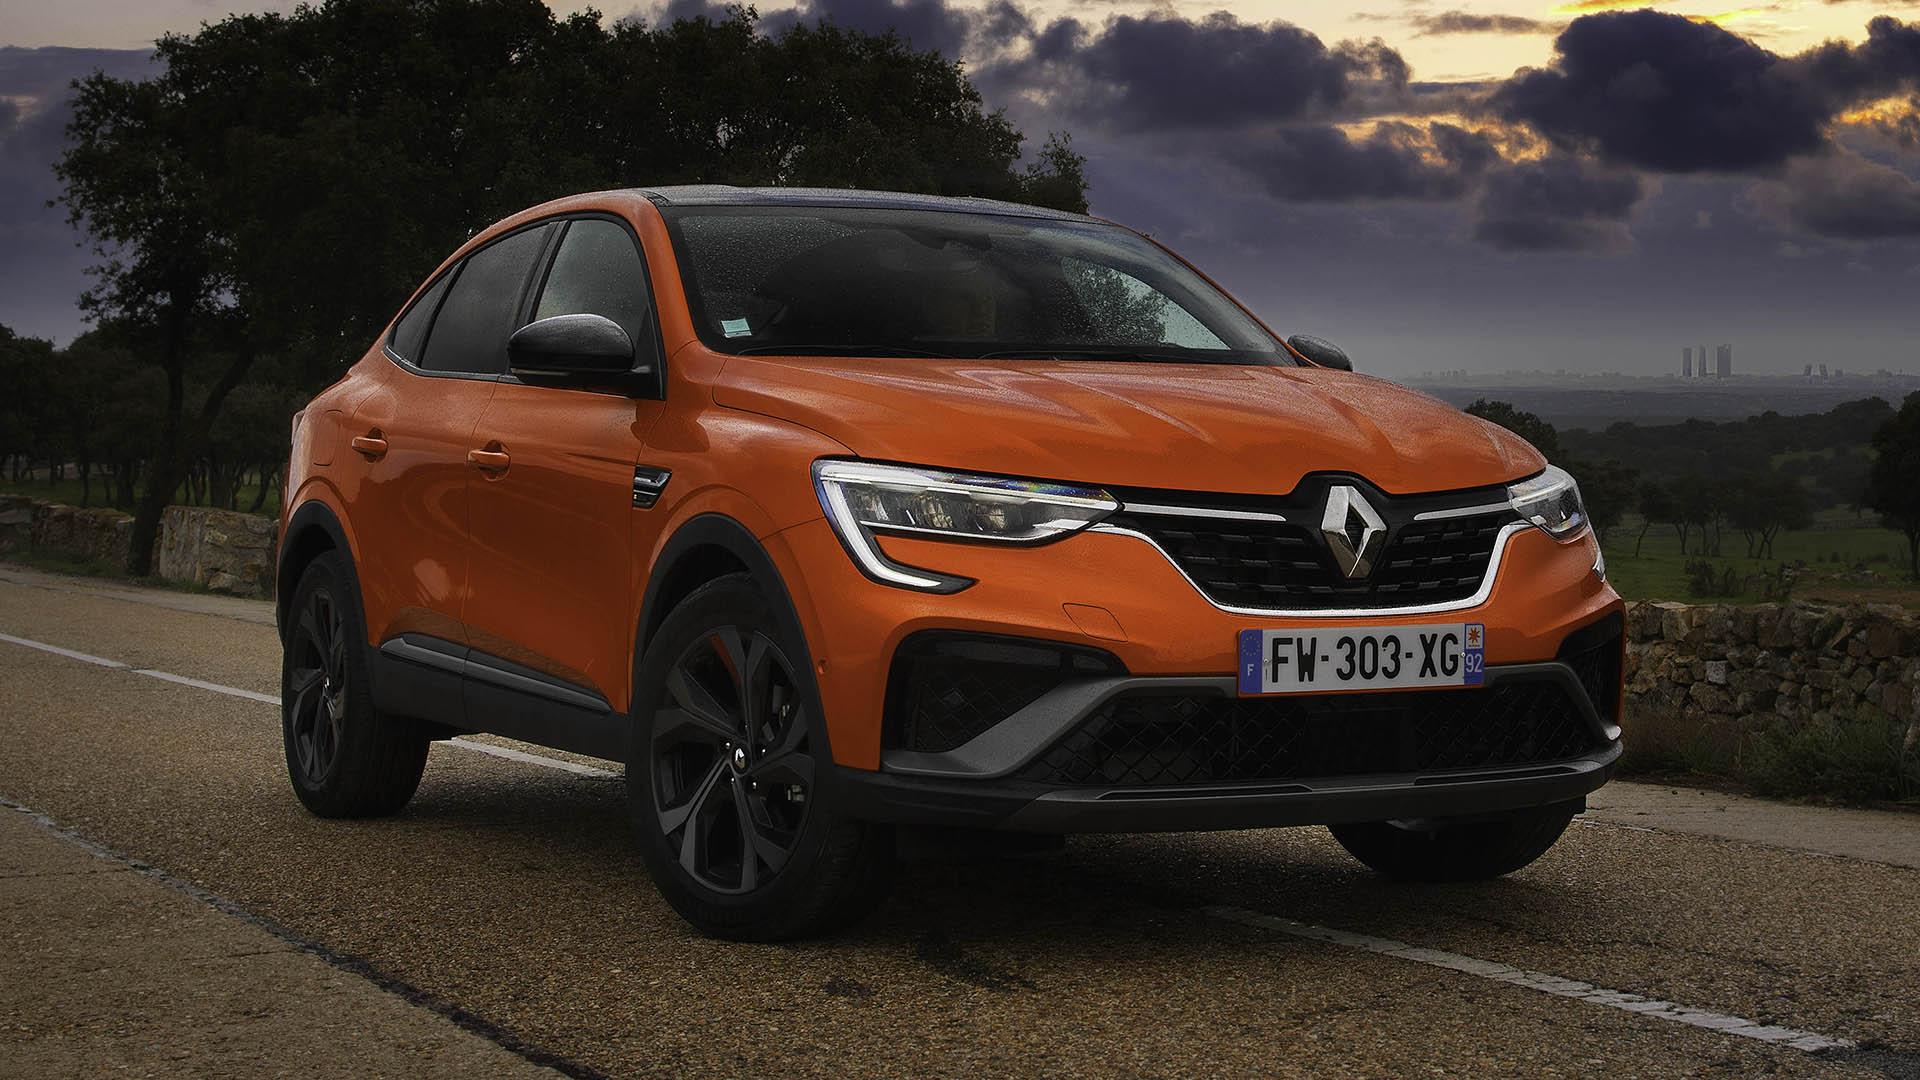 El nuevo Renault Arkana E-Tech 2021 ya está disponible en España